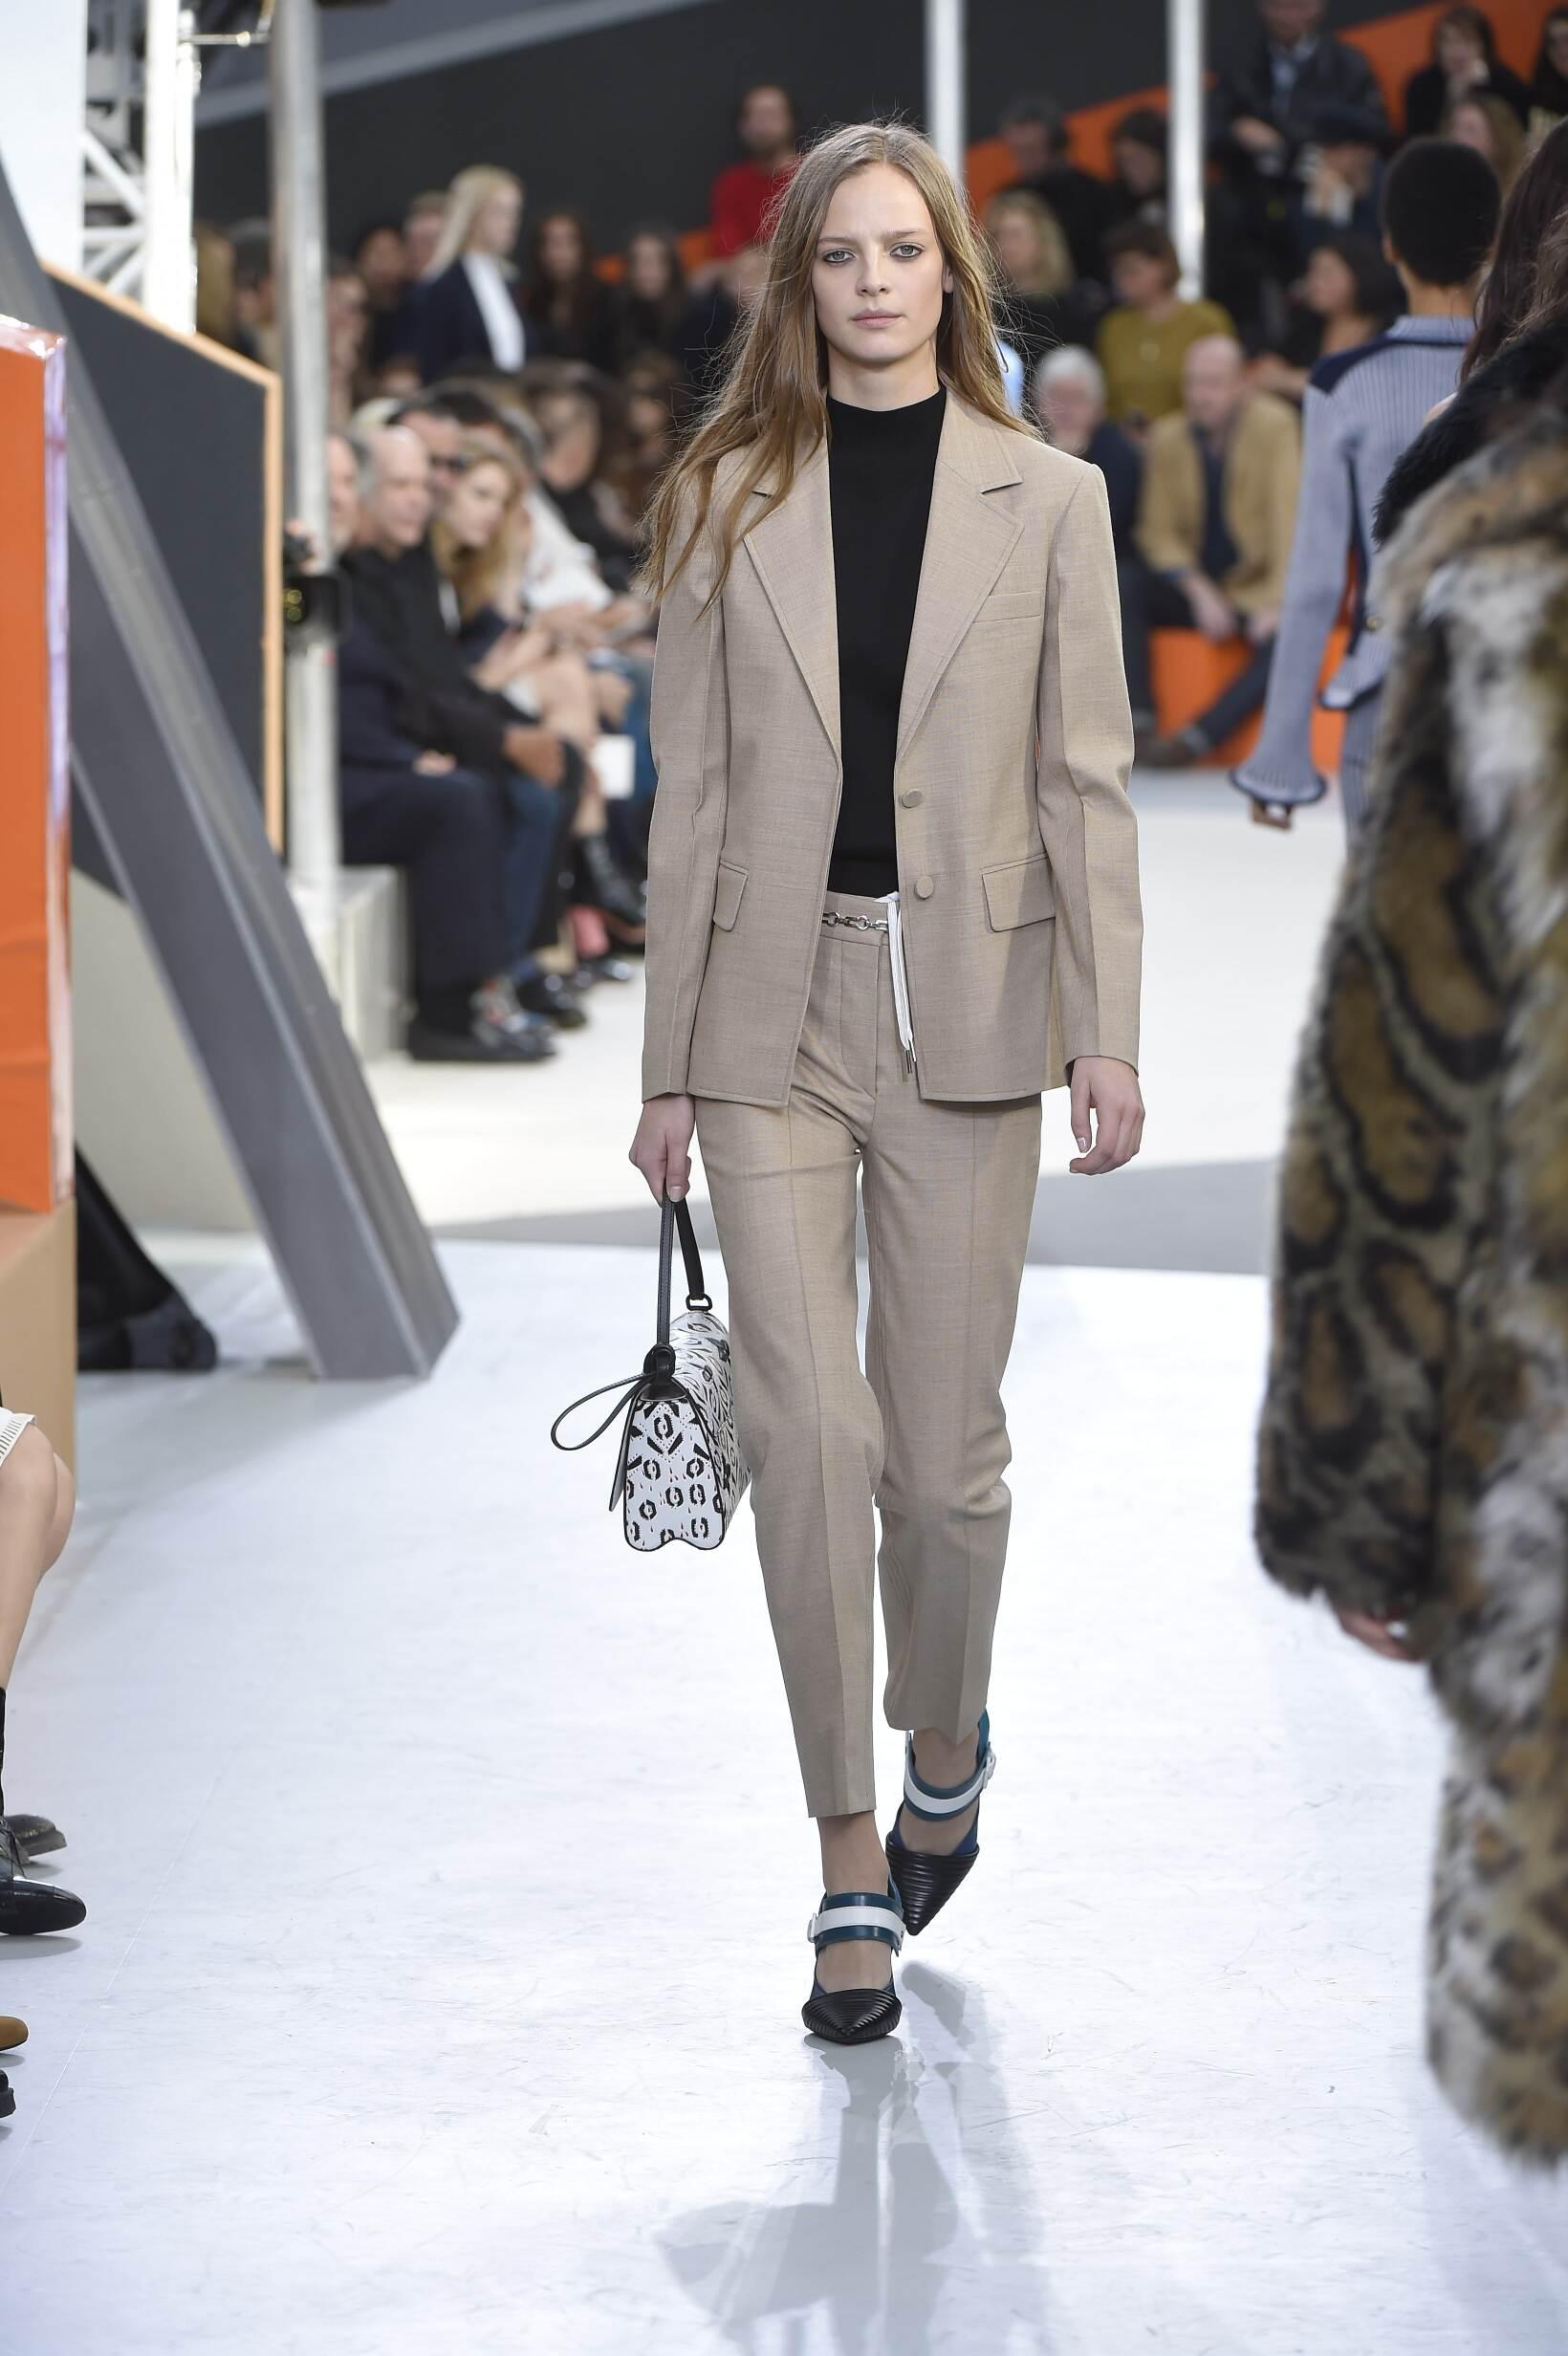 Louis Vuitton Collection Catwalk